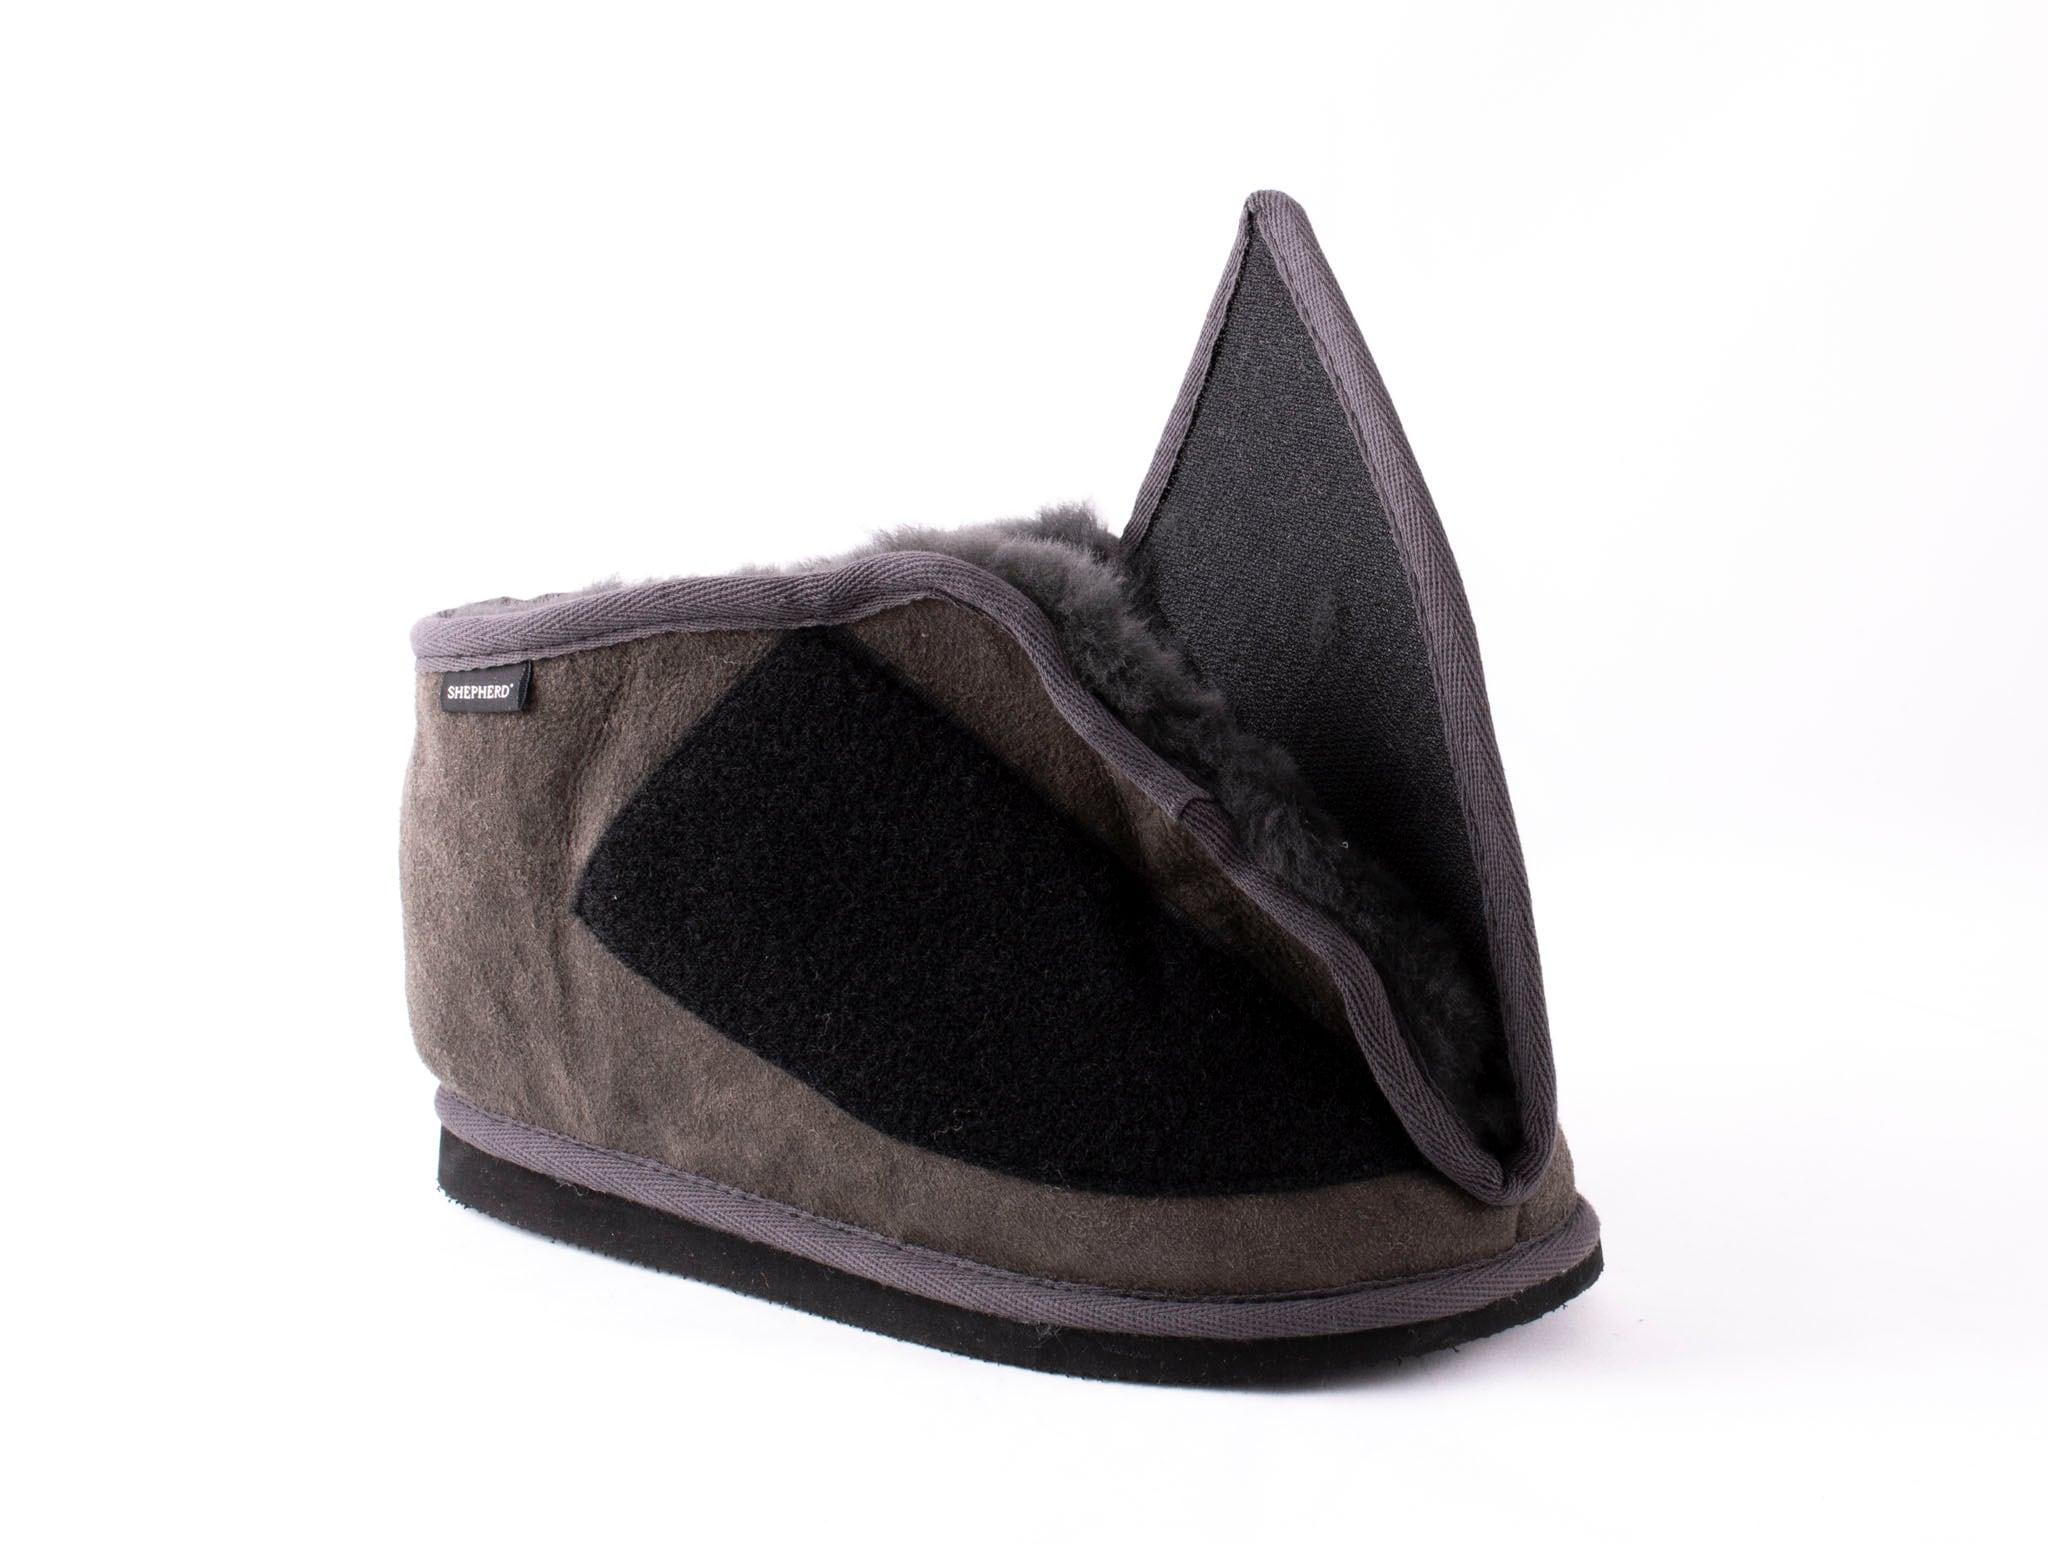 Shepherd Denise slippers